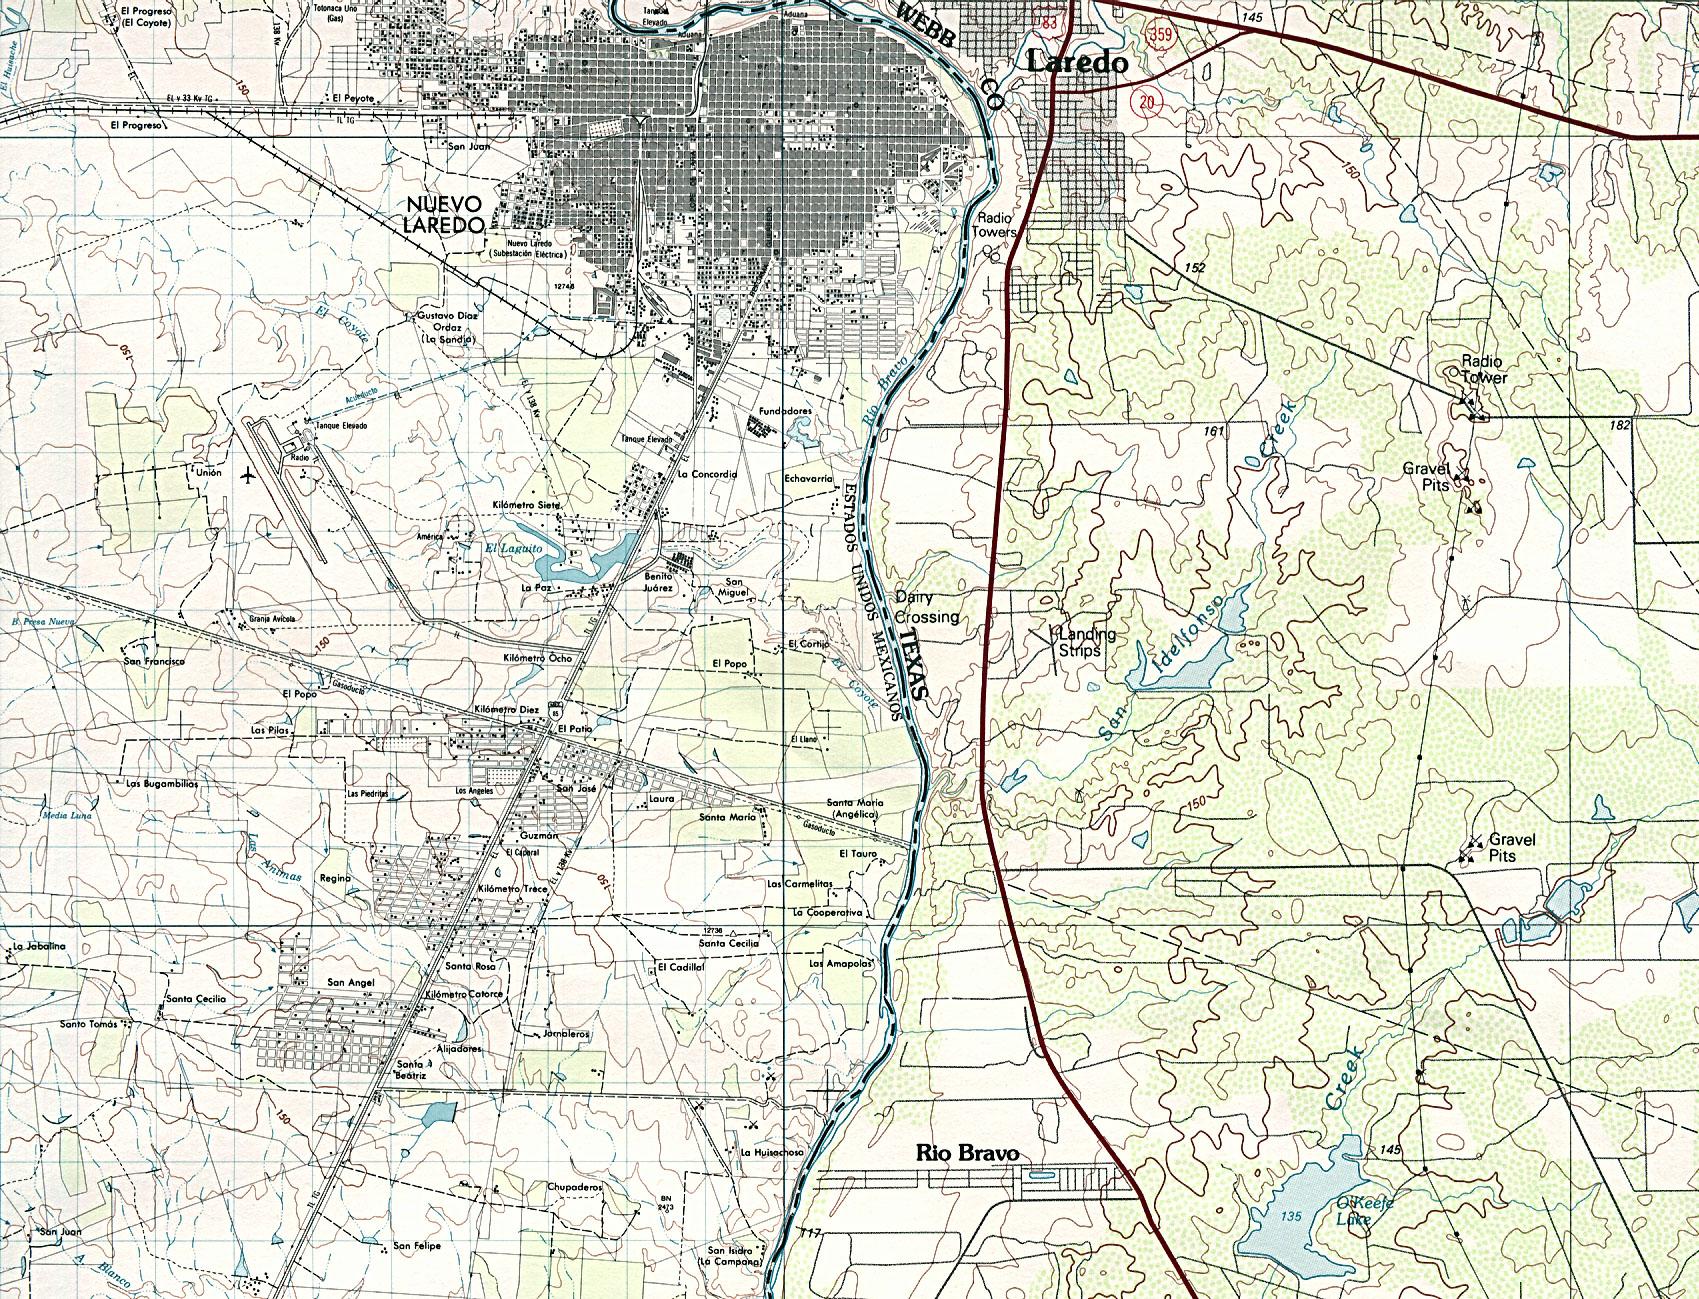 Mapa de la Ciudad de Nuevo Laredo, México